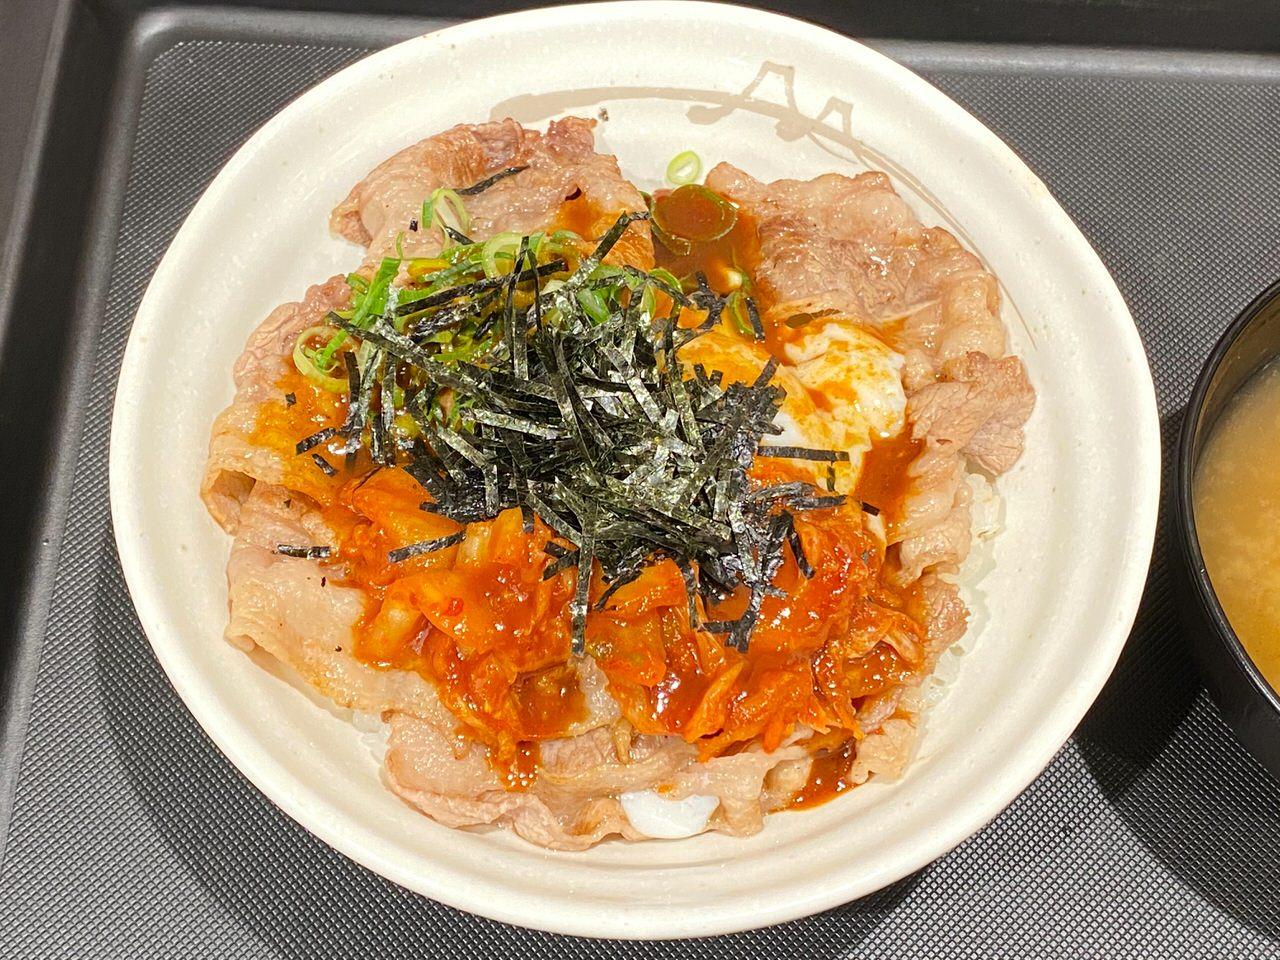 【松屋】定番メニューとなった「旨辛牛焼ビビン丼」を食べてみた 05